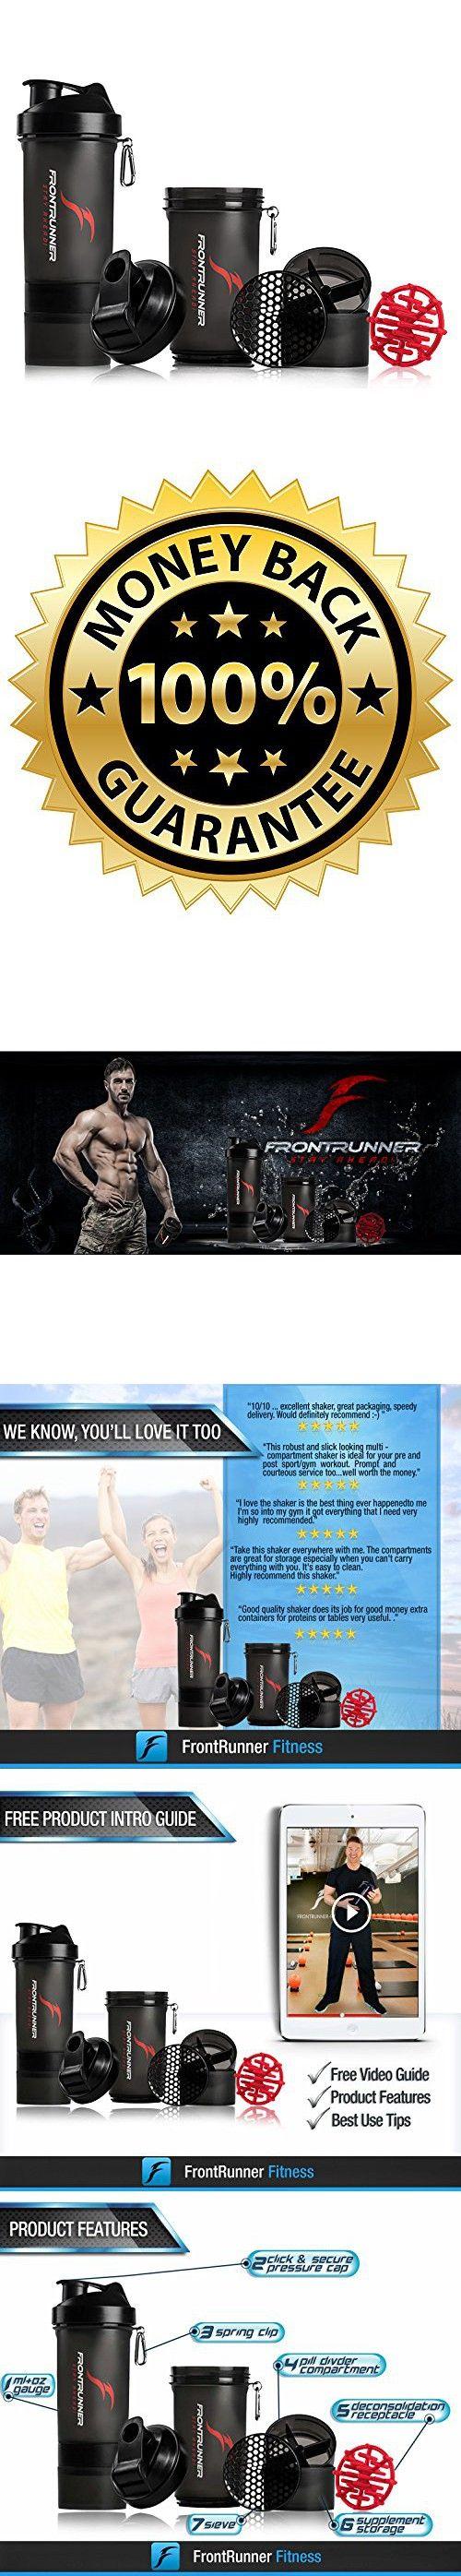 FrontRunner Fitness Premium Refuel Shaker - Protein Shaker - Water Bottle - 800mL (Black)